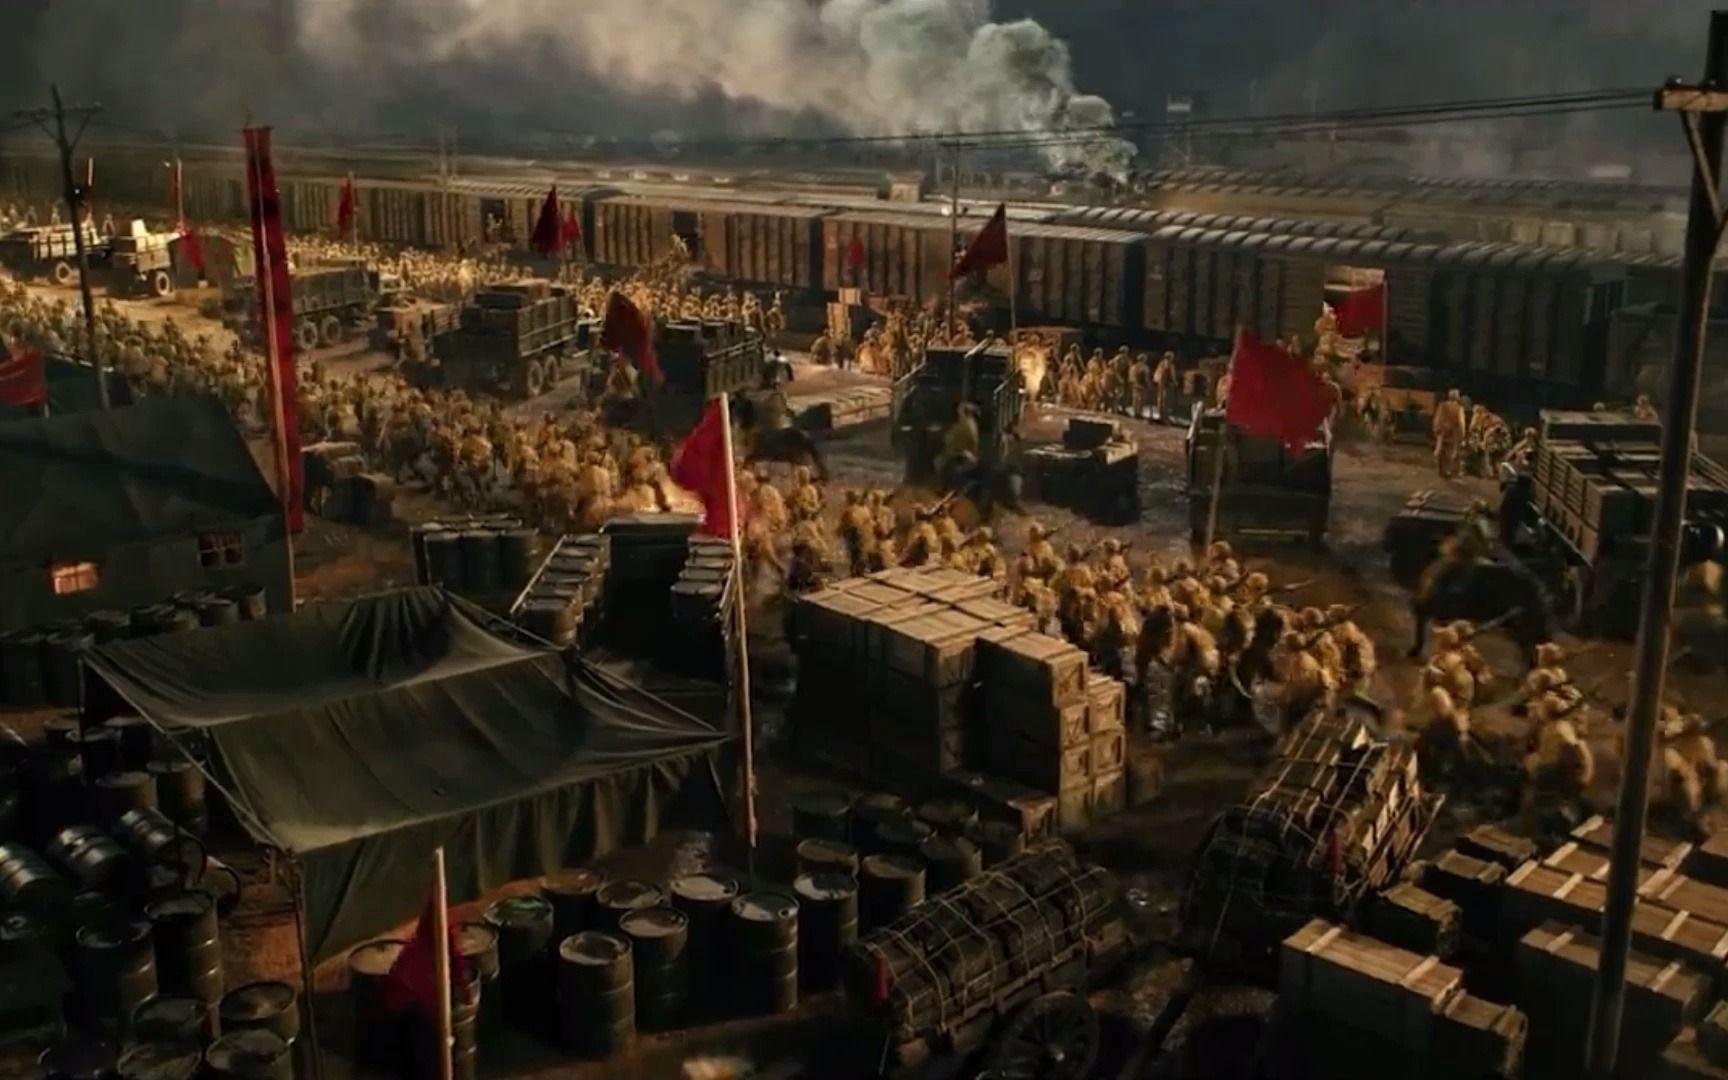 长津湖之战,被誉为是抗美援朝最惨烈的一战